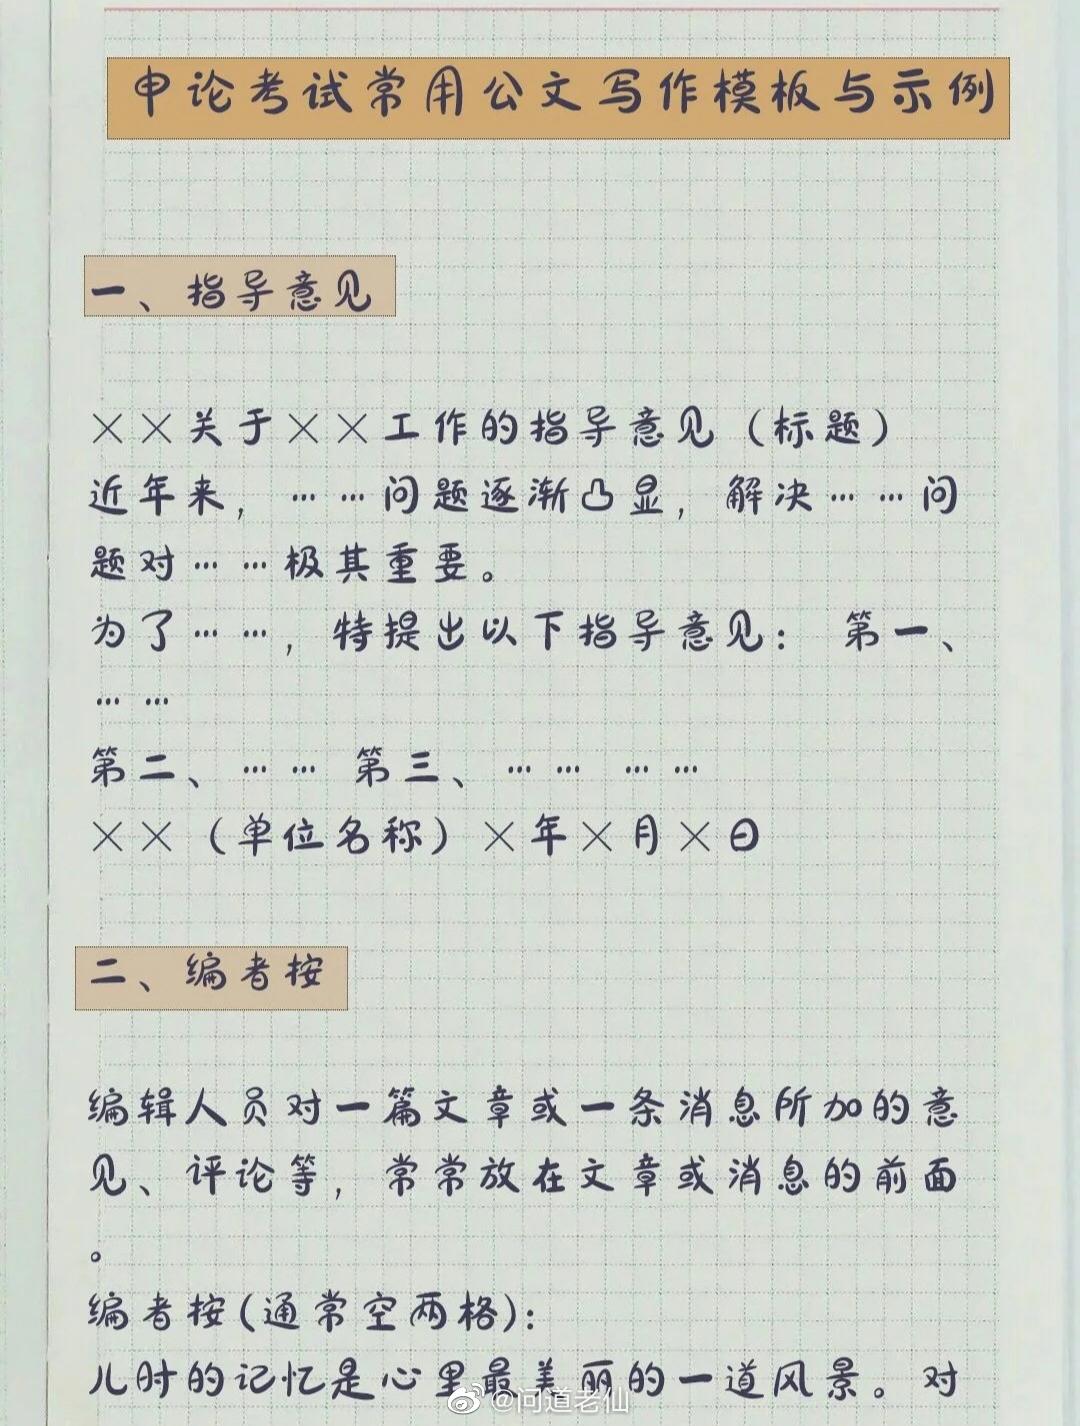 申论考试常用公文写作模板与示例